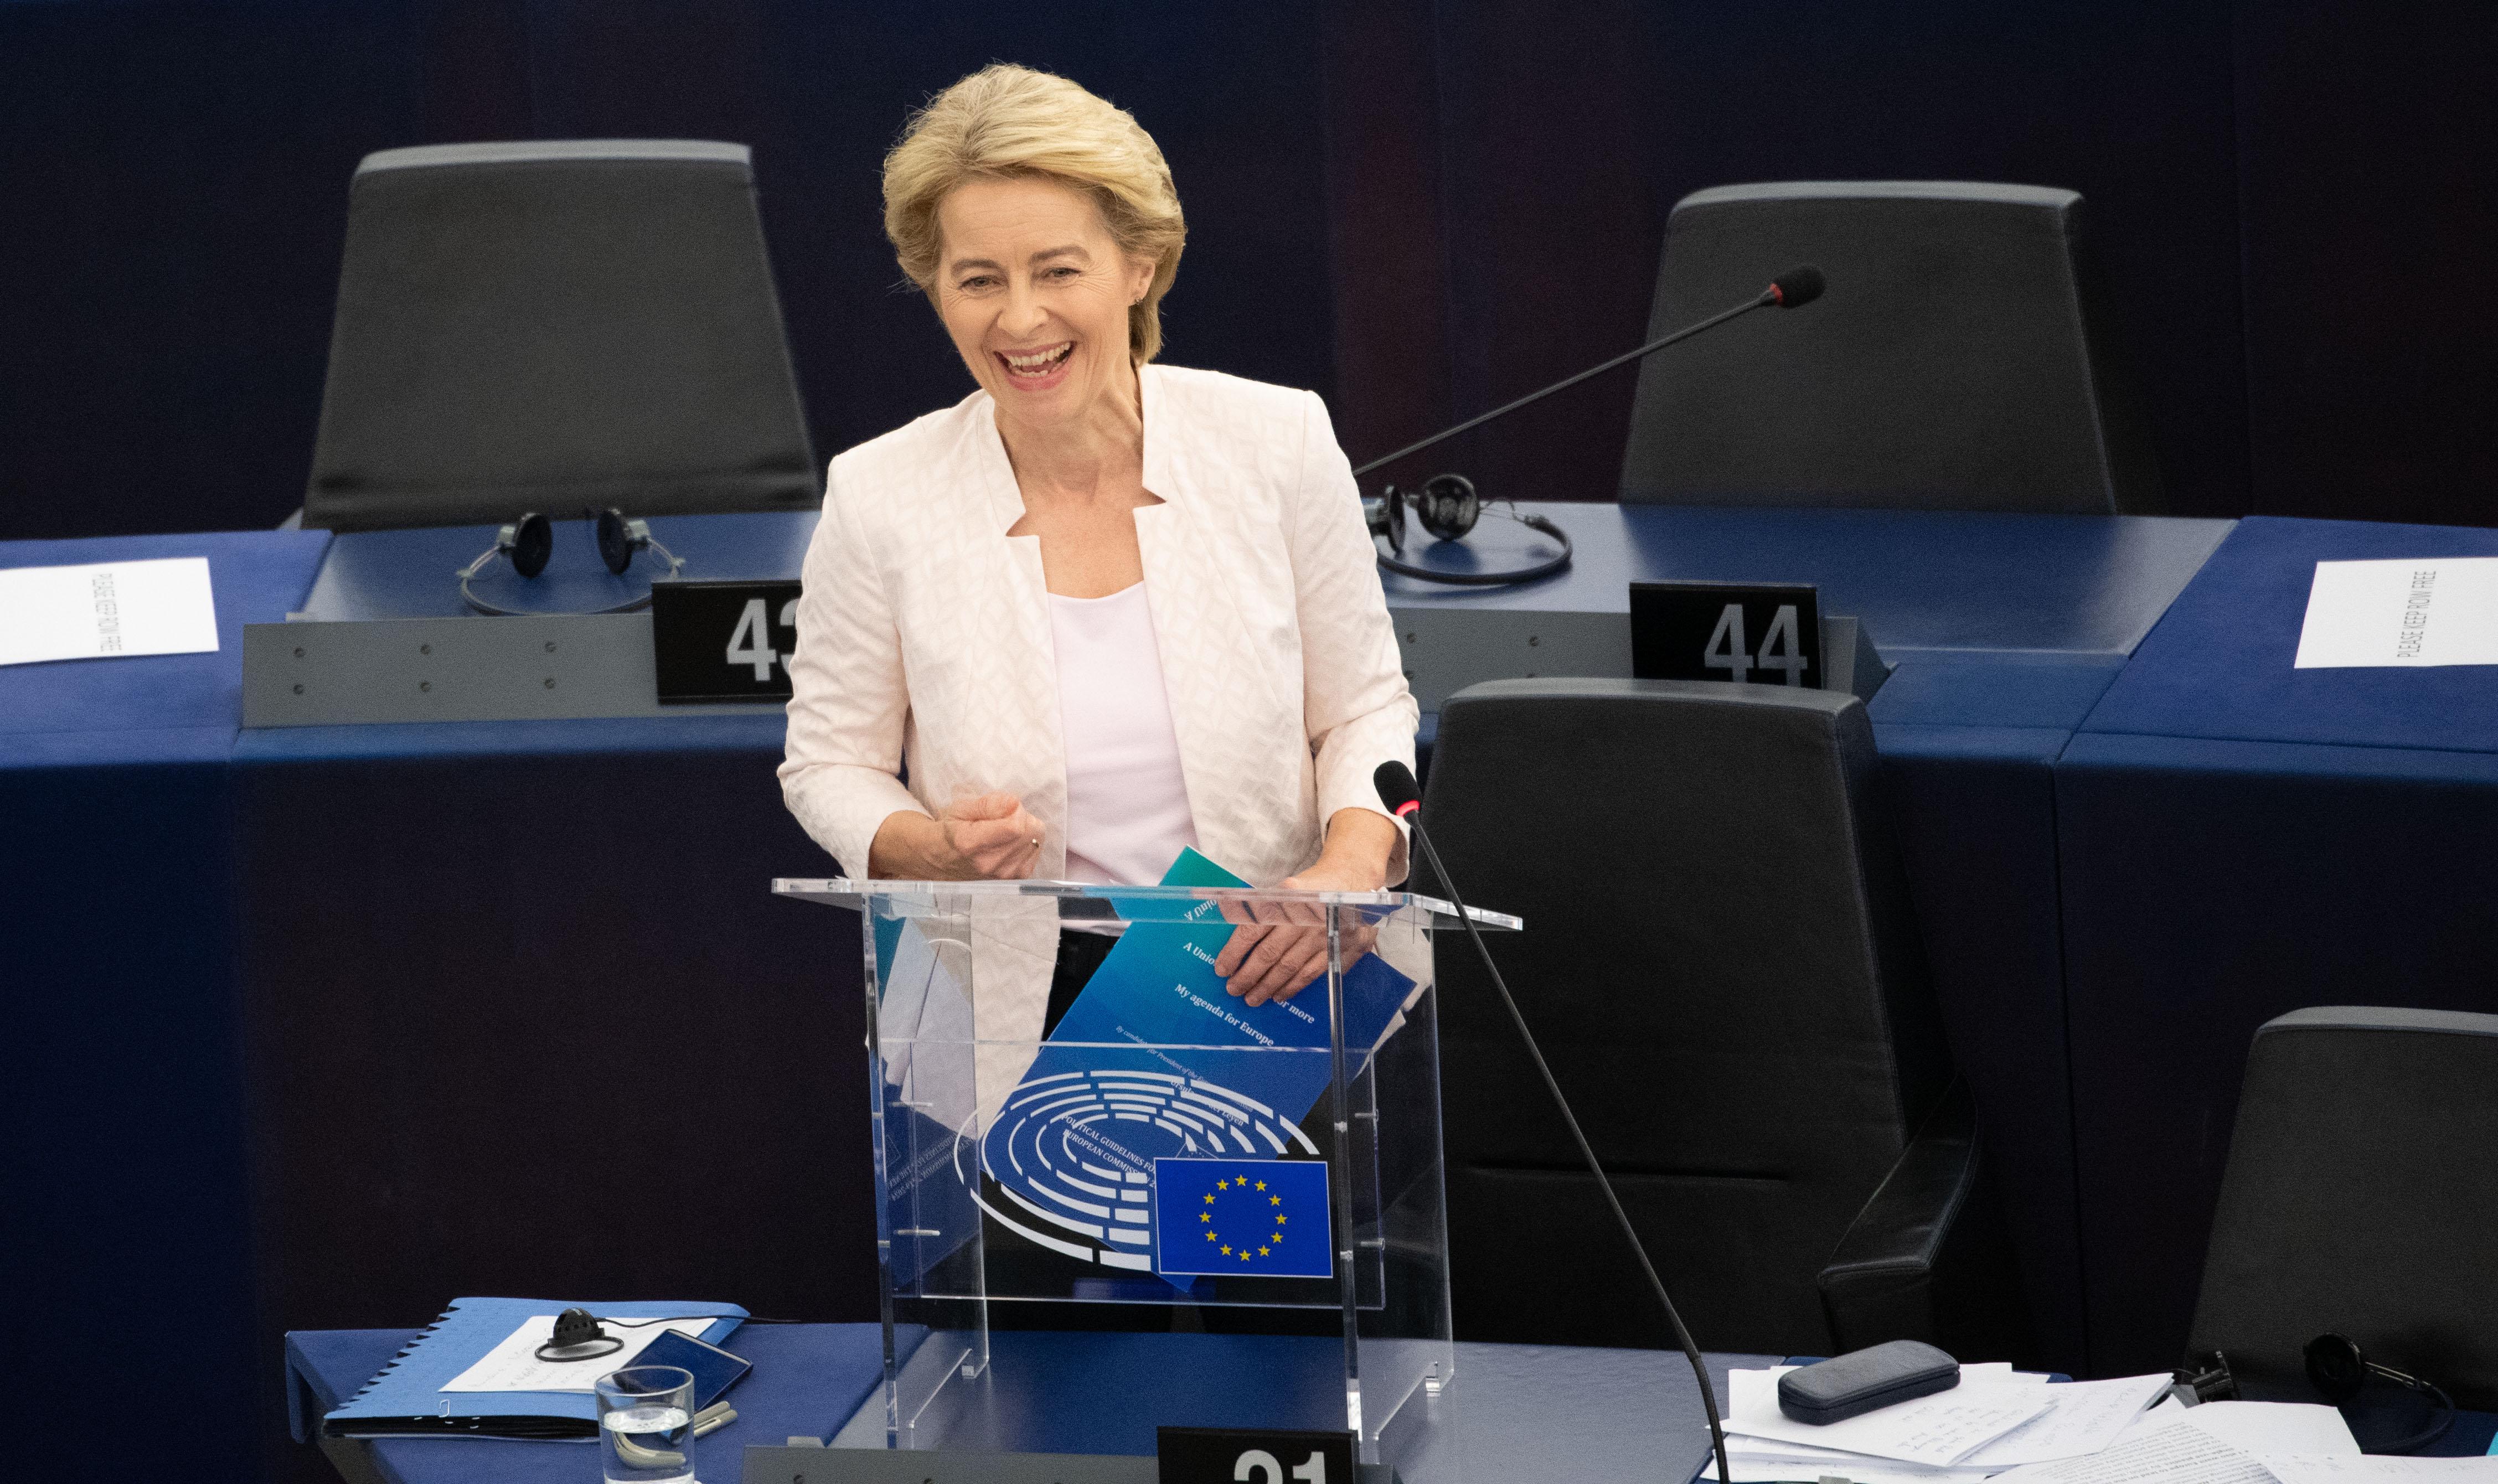 Elkezdődött a szavazás Strasbourgban Ursula von der Leyenről